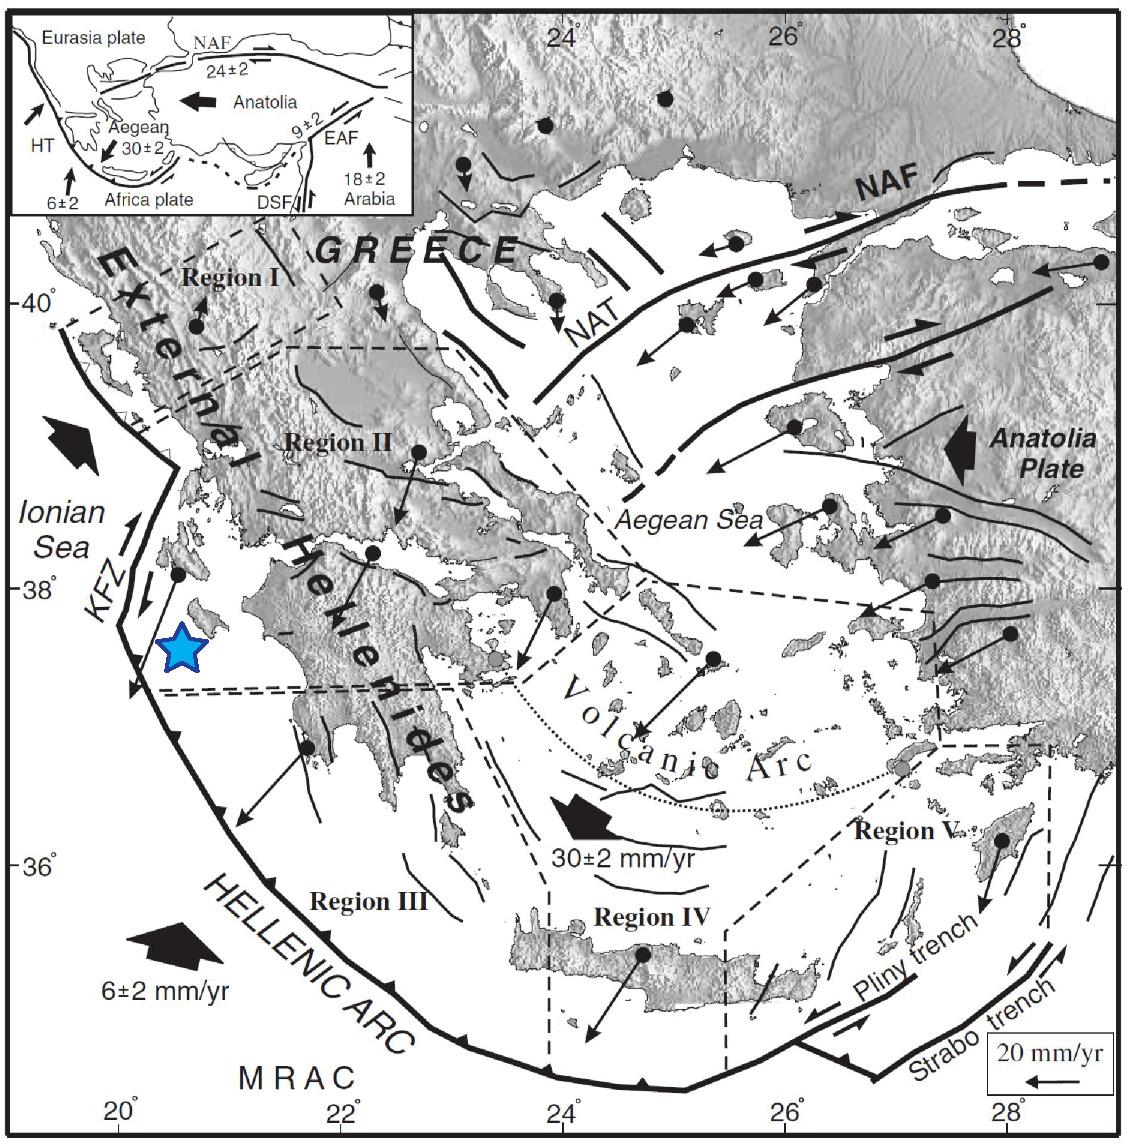 Greek Earthquake In A Region Of High Seismic Hazard